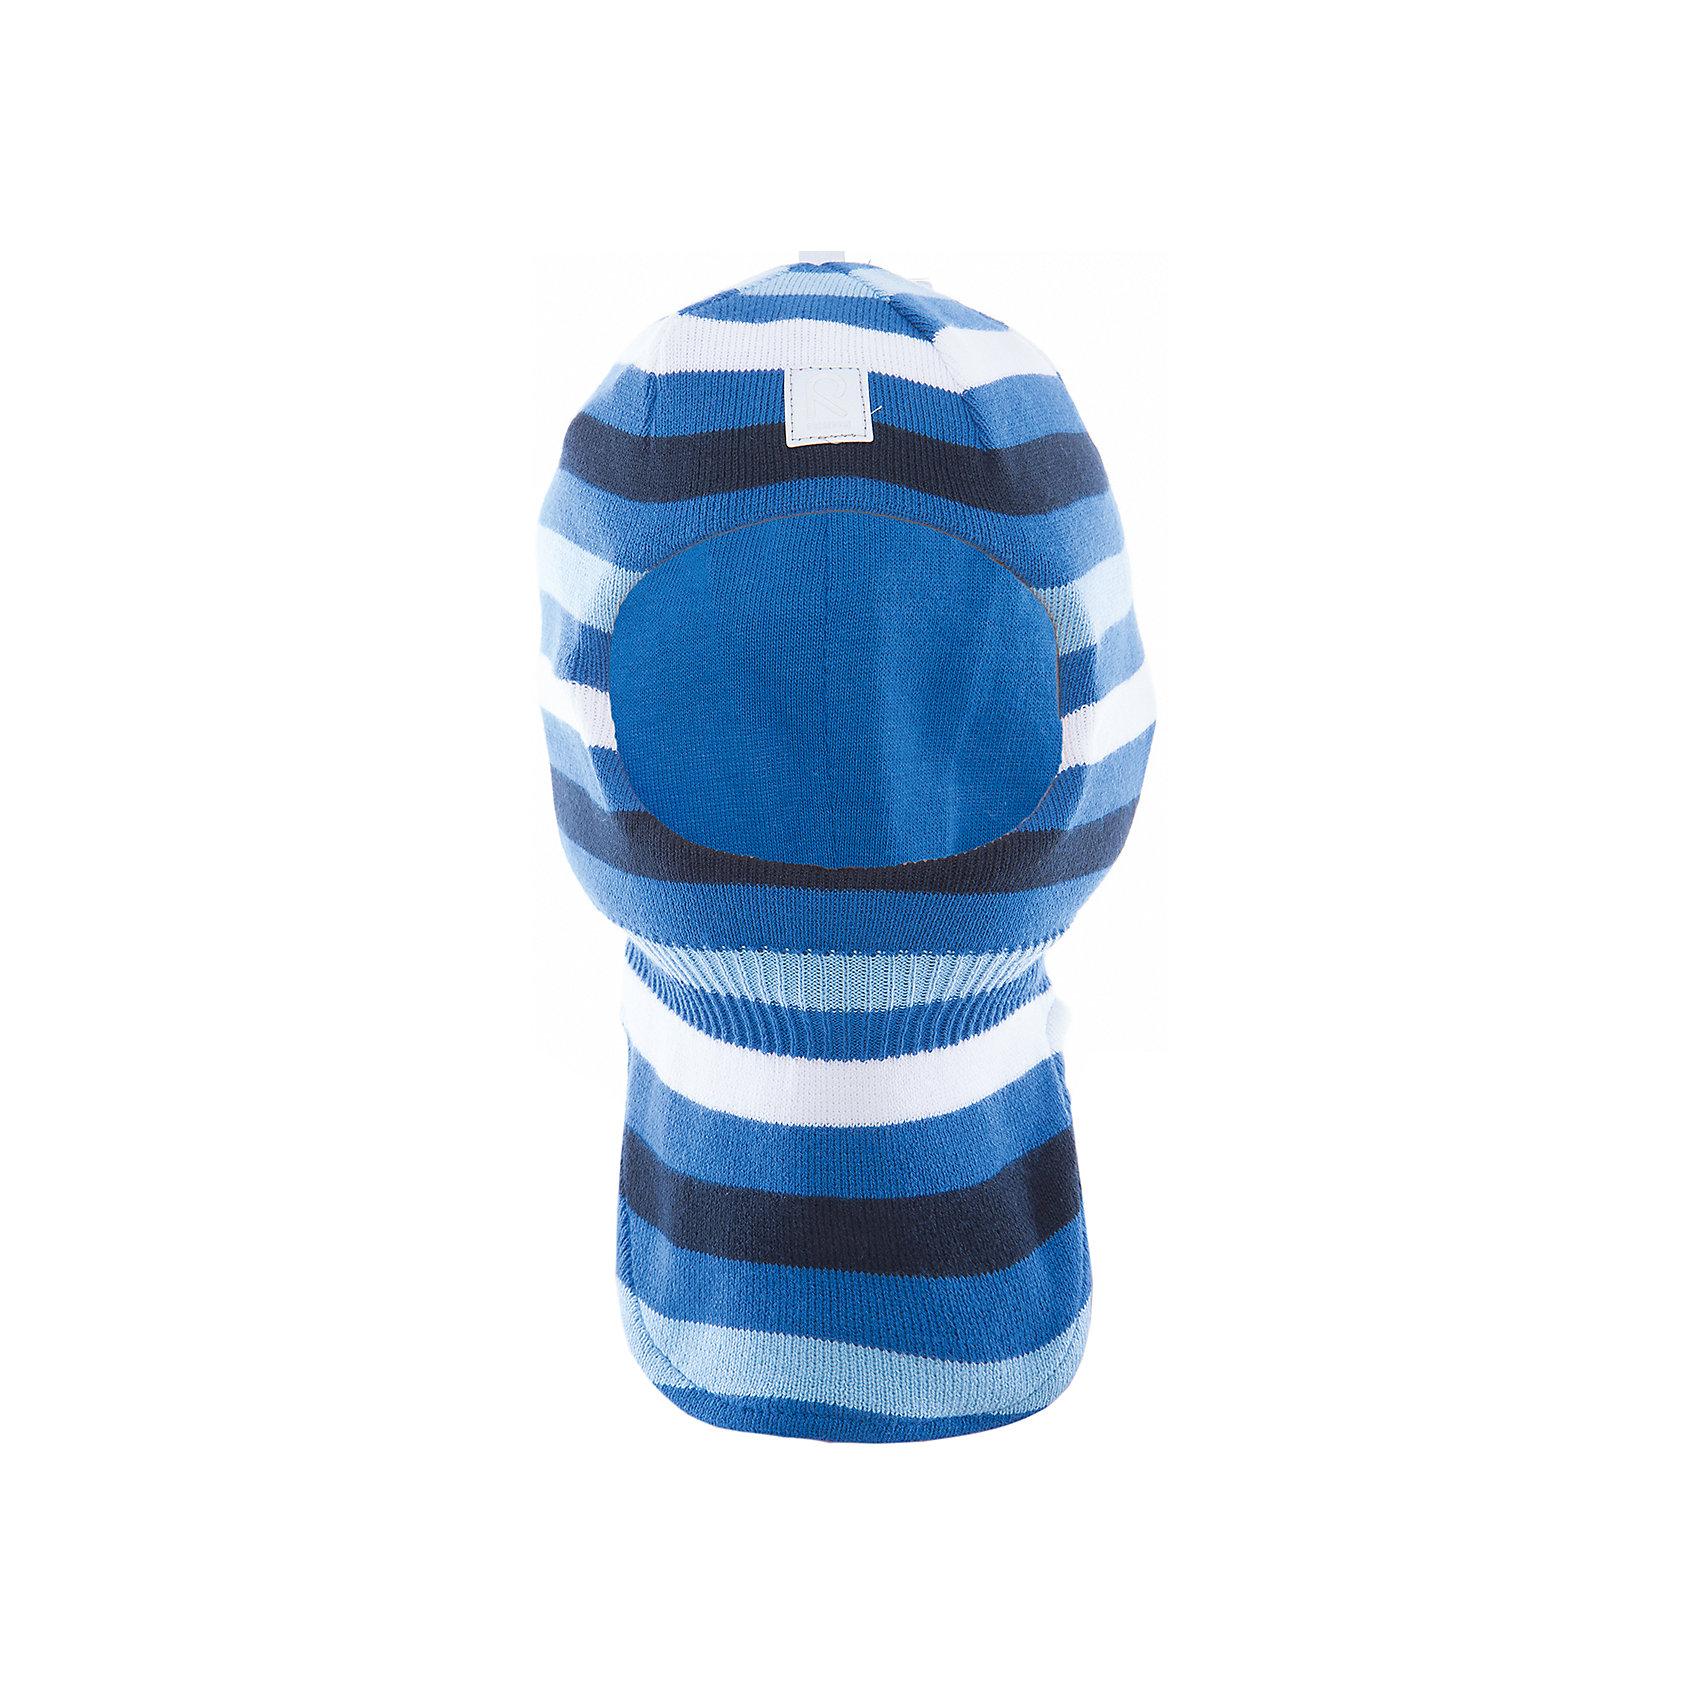 Шапка-шлем Ades ReimaШапки и шарфы<br>Характеристики товара:<br><br>• цвет: голубой<br>• состав: 100% хлопок<br>• сплошная подкладка из хлопкового трикотажа<br>• температурный режим: от 0С<br>• эластичный хлопковый трикотаж<br>• изделие сертифицированно по стандарту Oeko-Tex на продукцию класса 1 - одежда для новорождённых<br>• эмблема Reima спереди<br>• светоотражающие детали<br>• страна бренда: Финляндия<br>• страна производства: Китай<br><br>Детский головной убор может быть модным и удобным одновременно! Стильная шапка поможет обеспечить ребенку комфорт и дополнить наряд. Шапка удобно сидит и аккуратно выглядит. Проста в уходе, долго служит. Стильный дизайн разрабатывался специально для детей. Отличная защита от дождя и ветра!<br><br>Уход:<br><br>• стирать по отдельности, вывернув наизнанку<br>• придать первоначальную форму вo влажном виде<br>• возможна усадка 5 %.<br><br>Шапку-шлем от финского бренда Reima (Рейма) можно купить в нашем интернет-магазине.<br><br>Ширина мм: 89<br>Глубина мм: 117<br>Высота мм: 44<br>Вес г: 155<br>Цвет: синий<br>Возраст от месяцев: 6<br>Возраст до месяцев: 9<br>Пол: Унисекс<br>Возраст: Детский<br>Размер: 46,52,50,48<br>SKU: 5265842